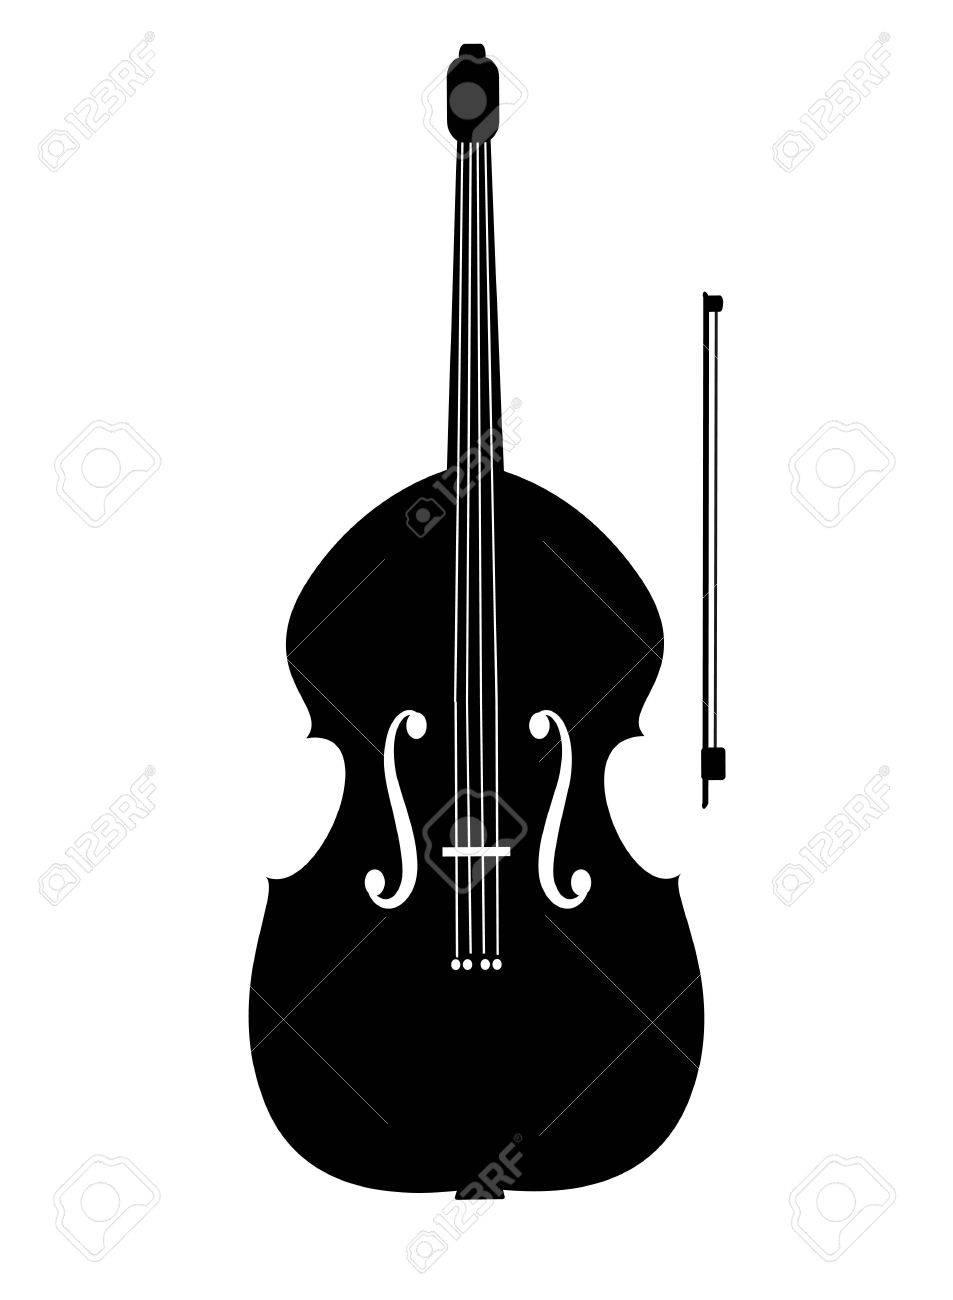 コントラバスの黒いアイコン イラストのイラスト素材ベクタ Image